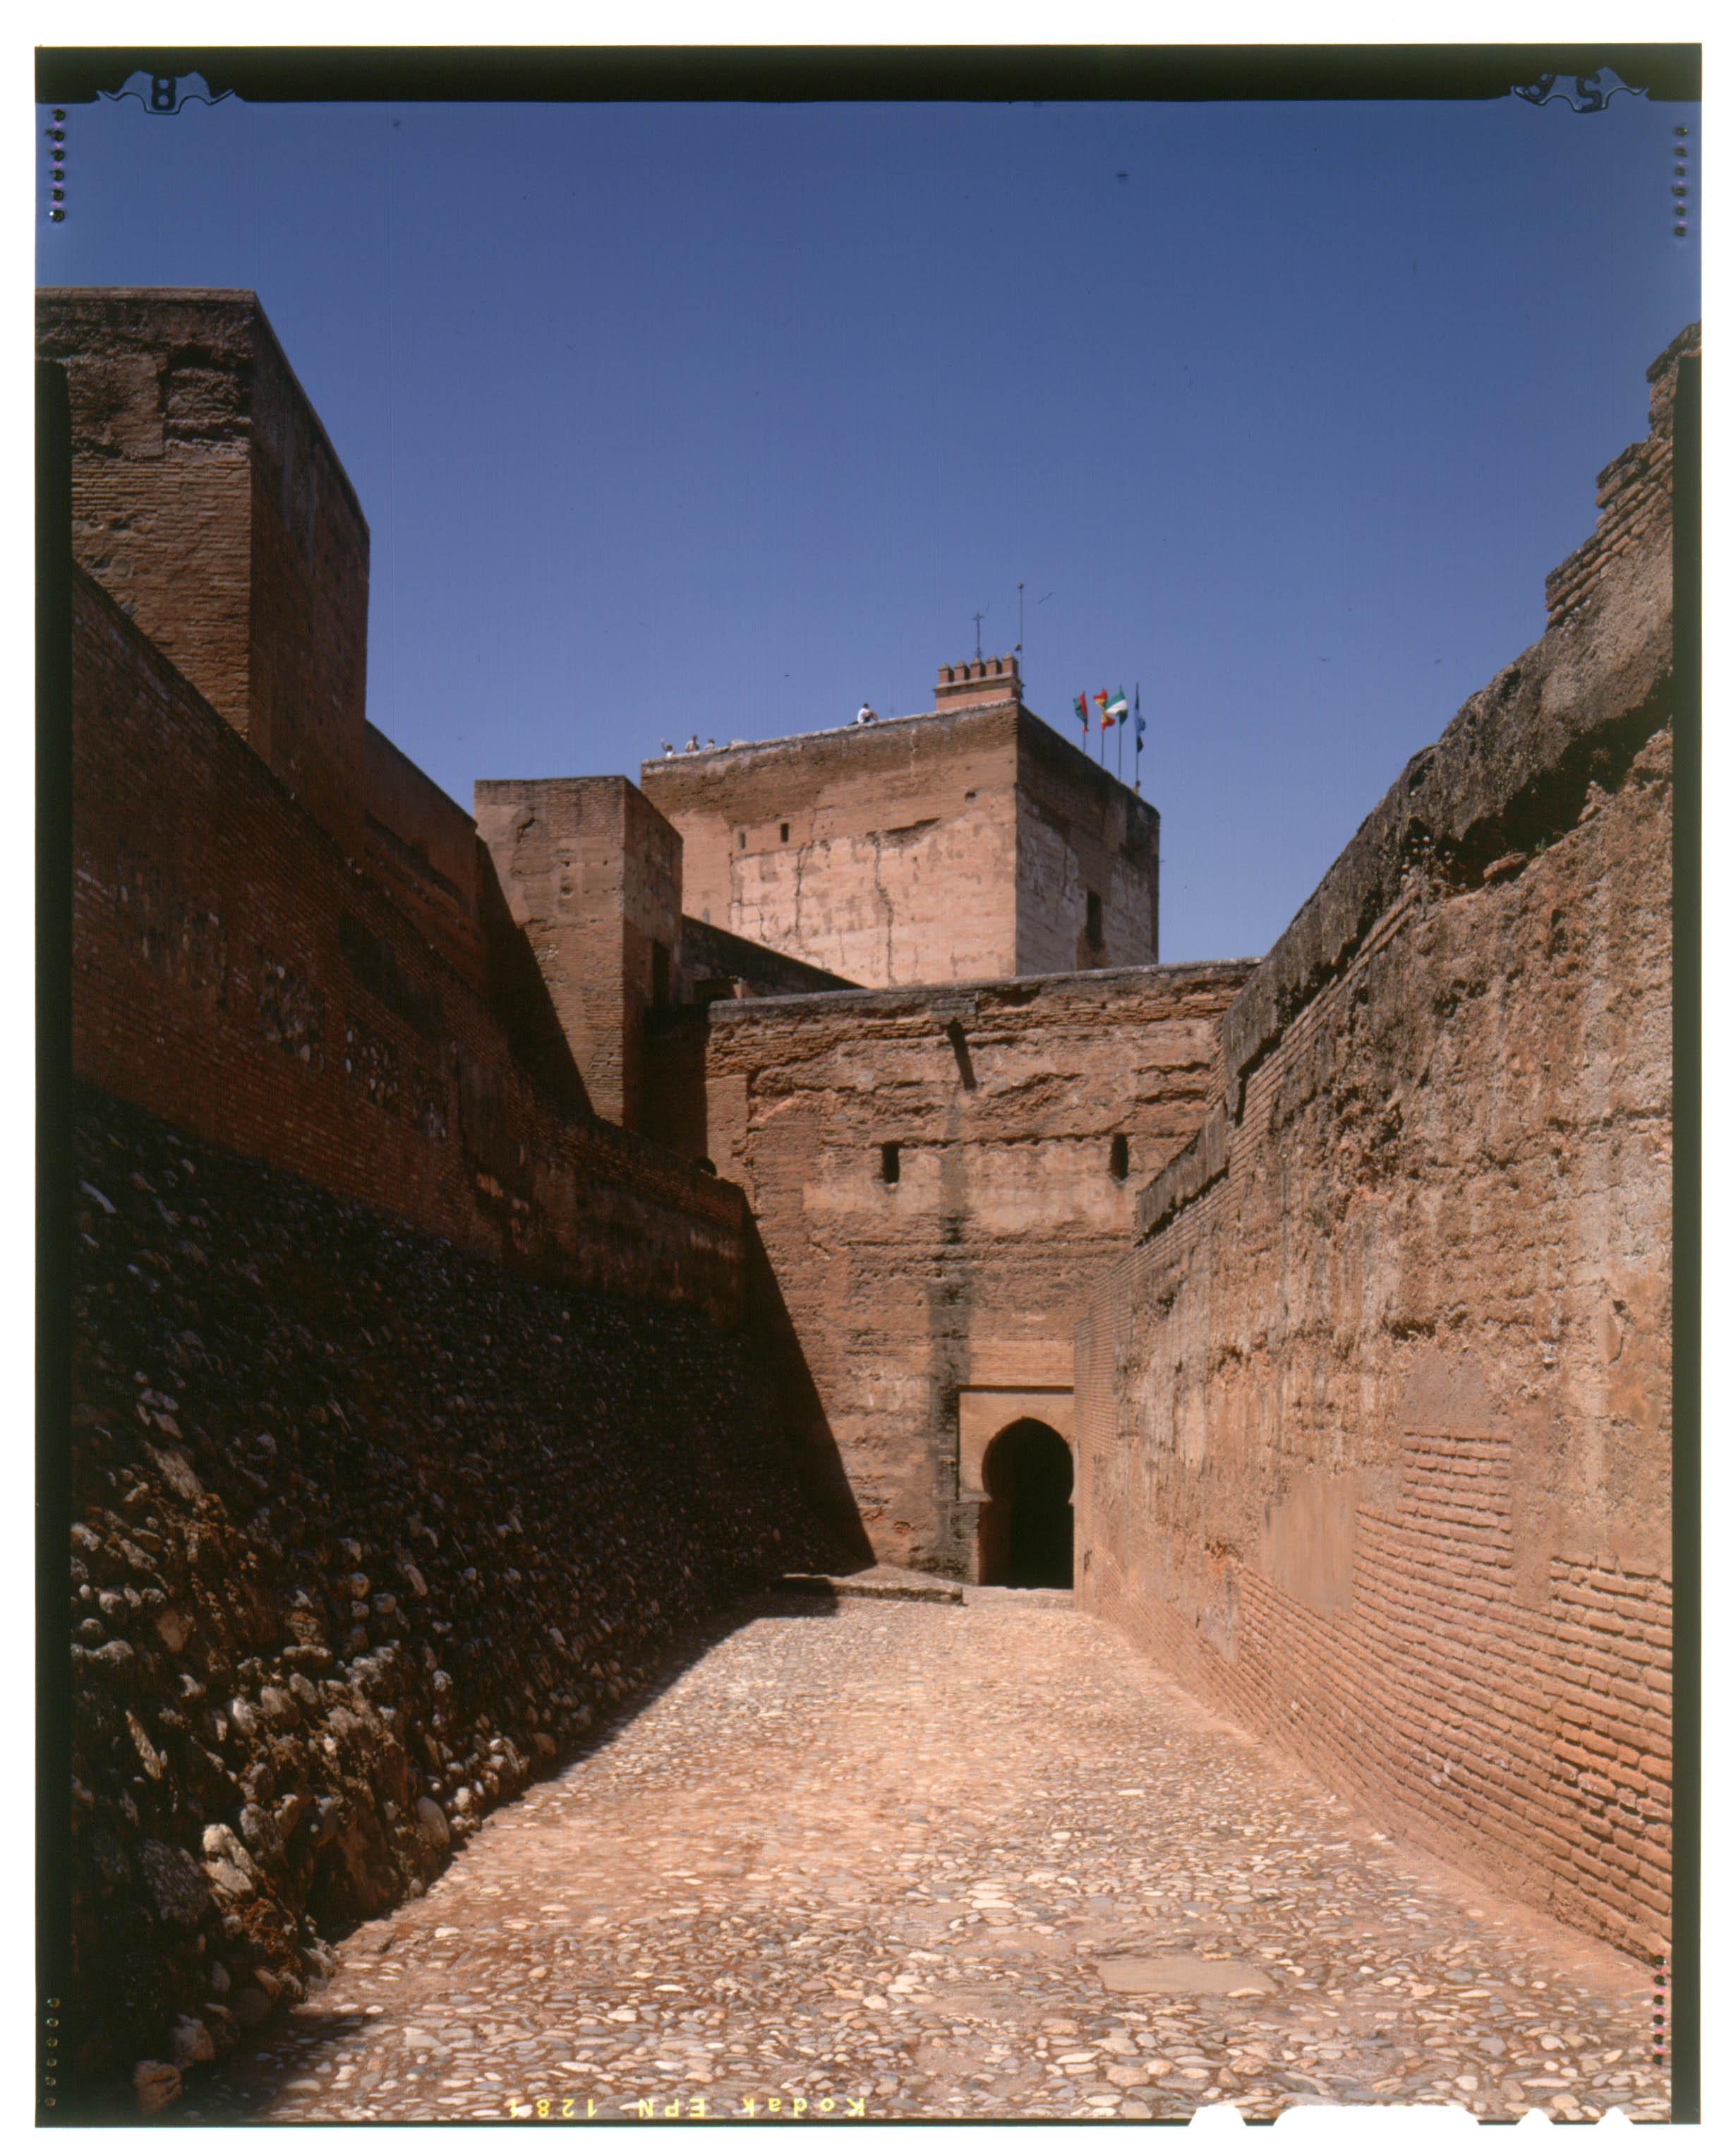 The Alcazaba's sentry walk